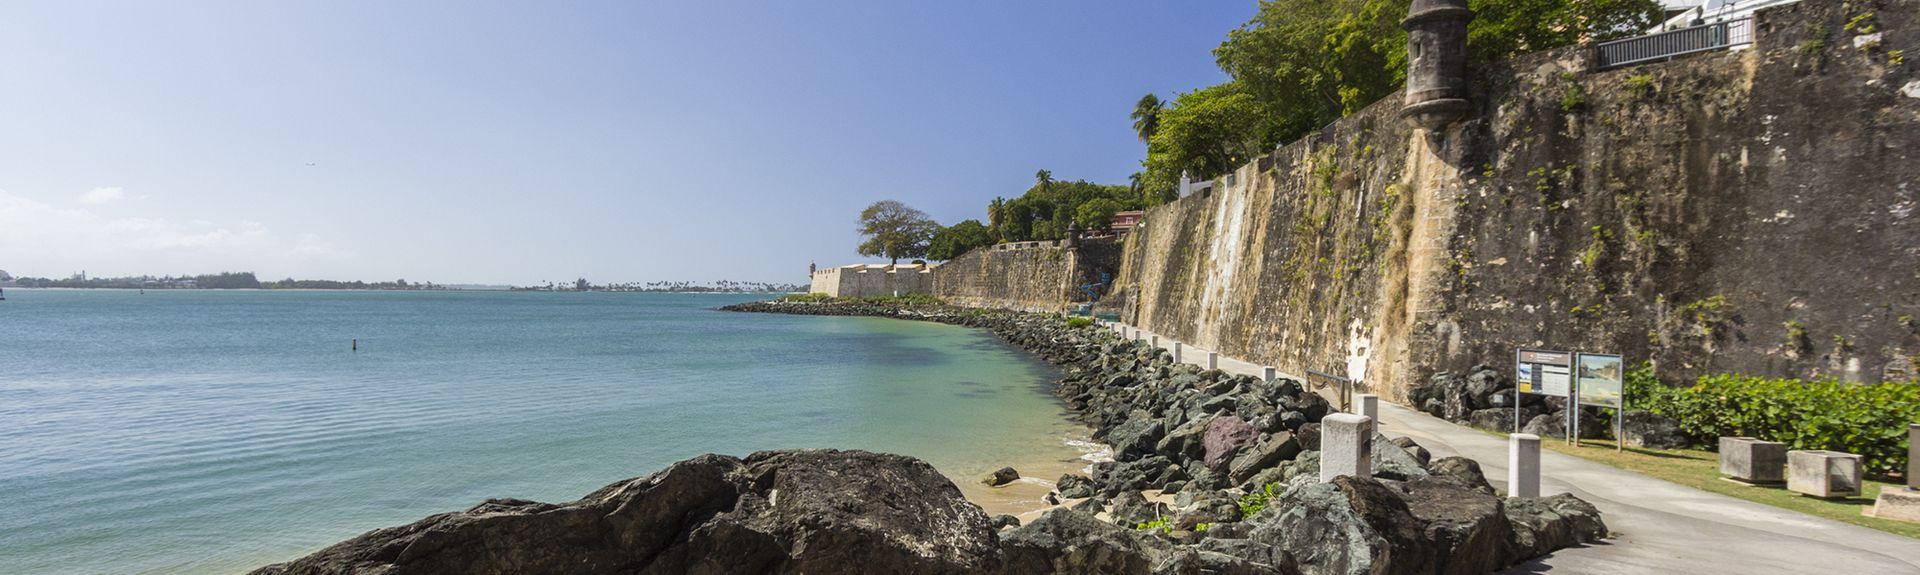 Old San Juan, San Juan, San Juan, Puerto Rico